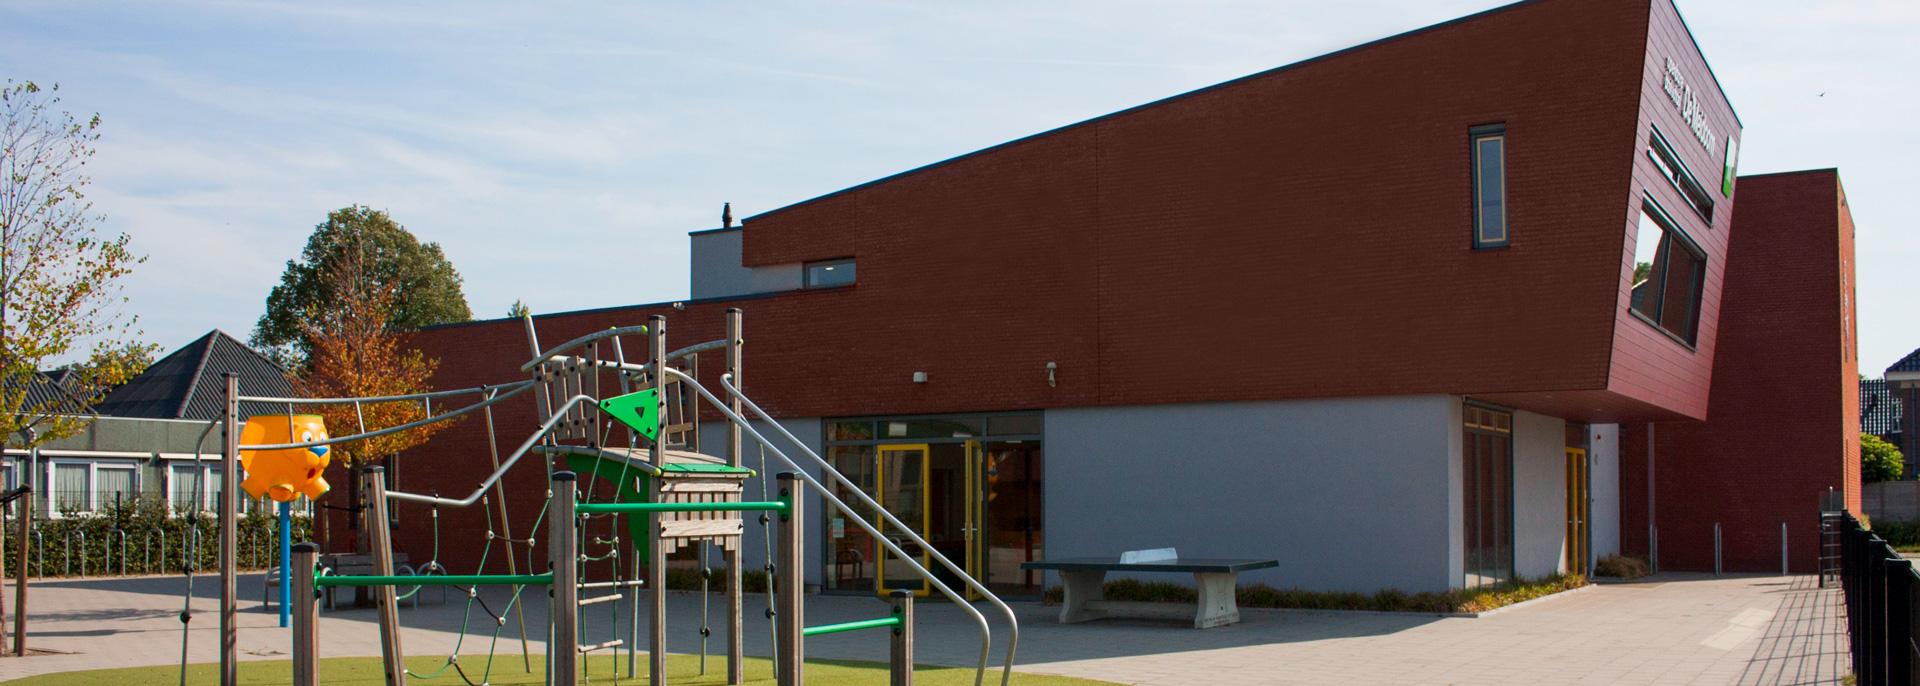 Nieuwbouw Openbare Basisschool de Meidoorn